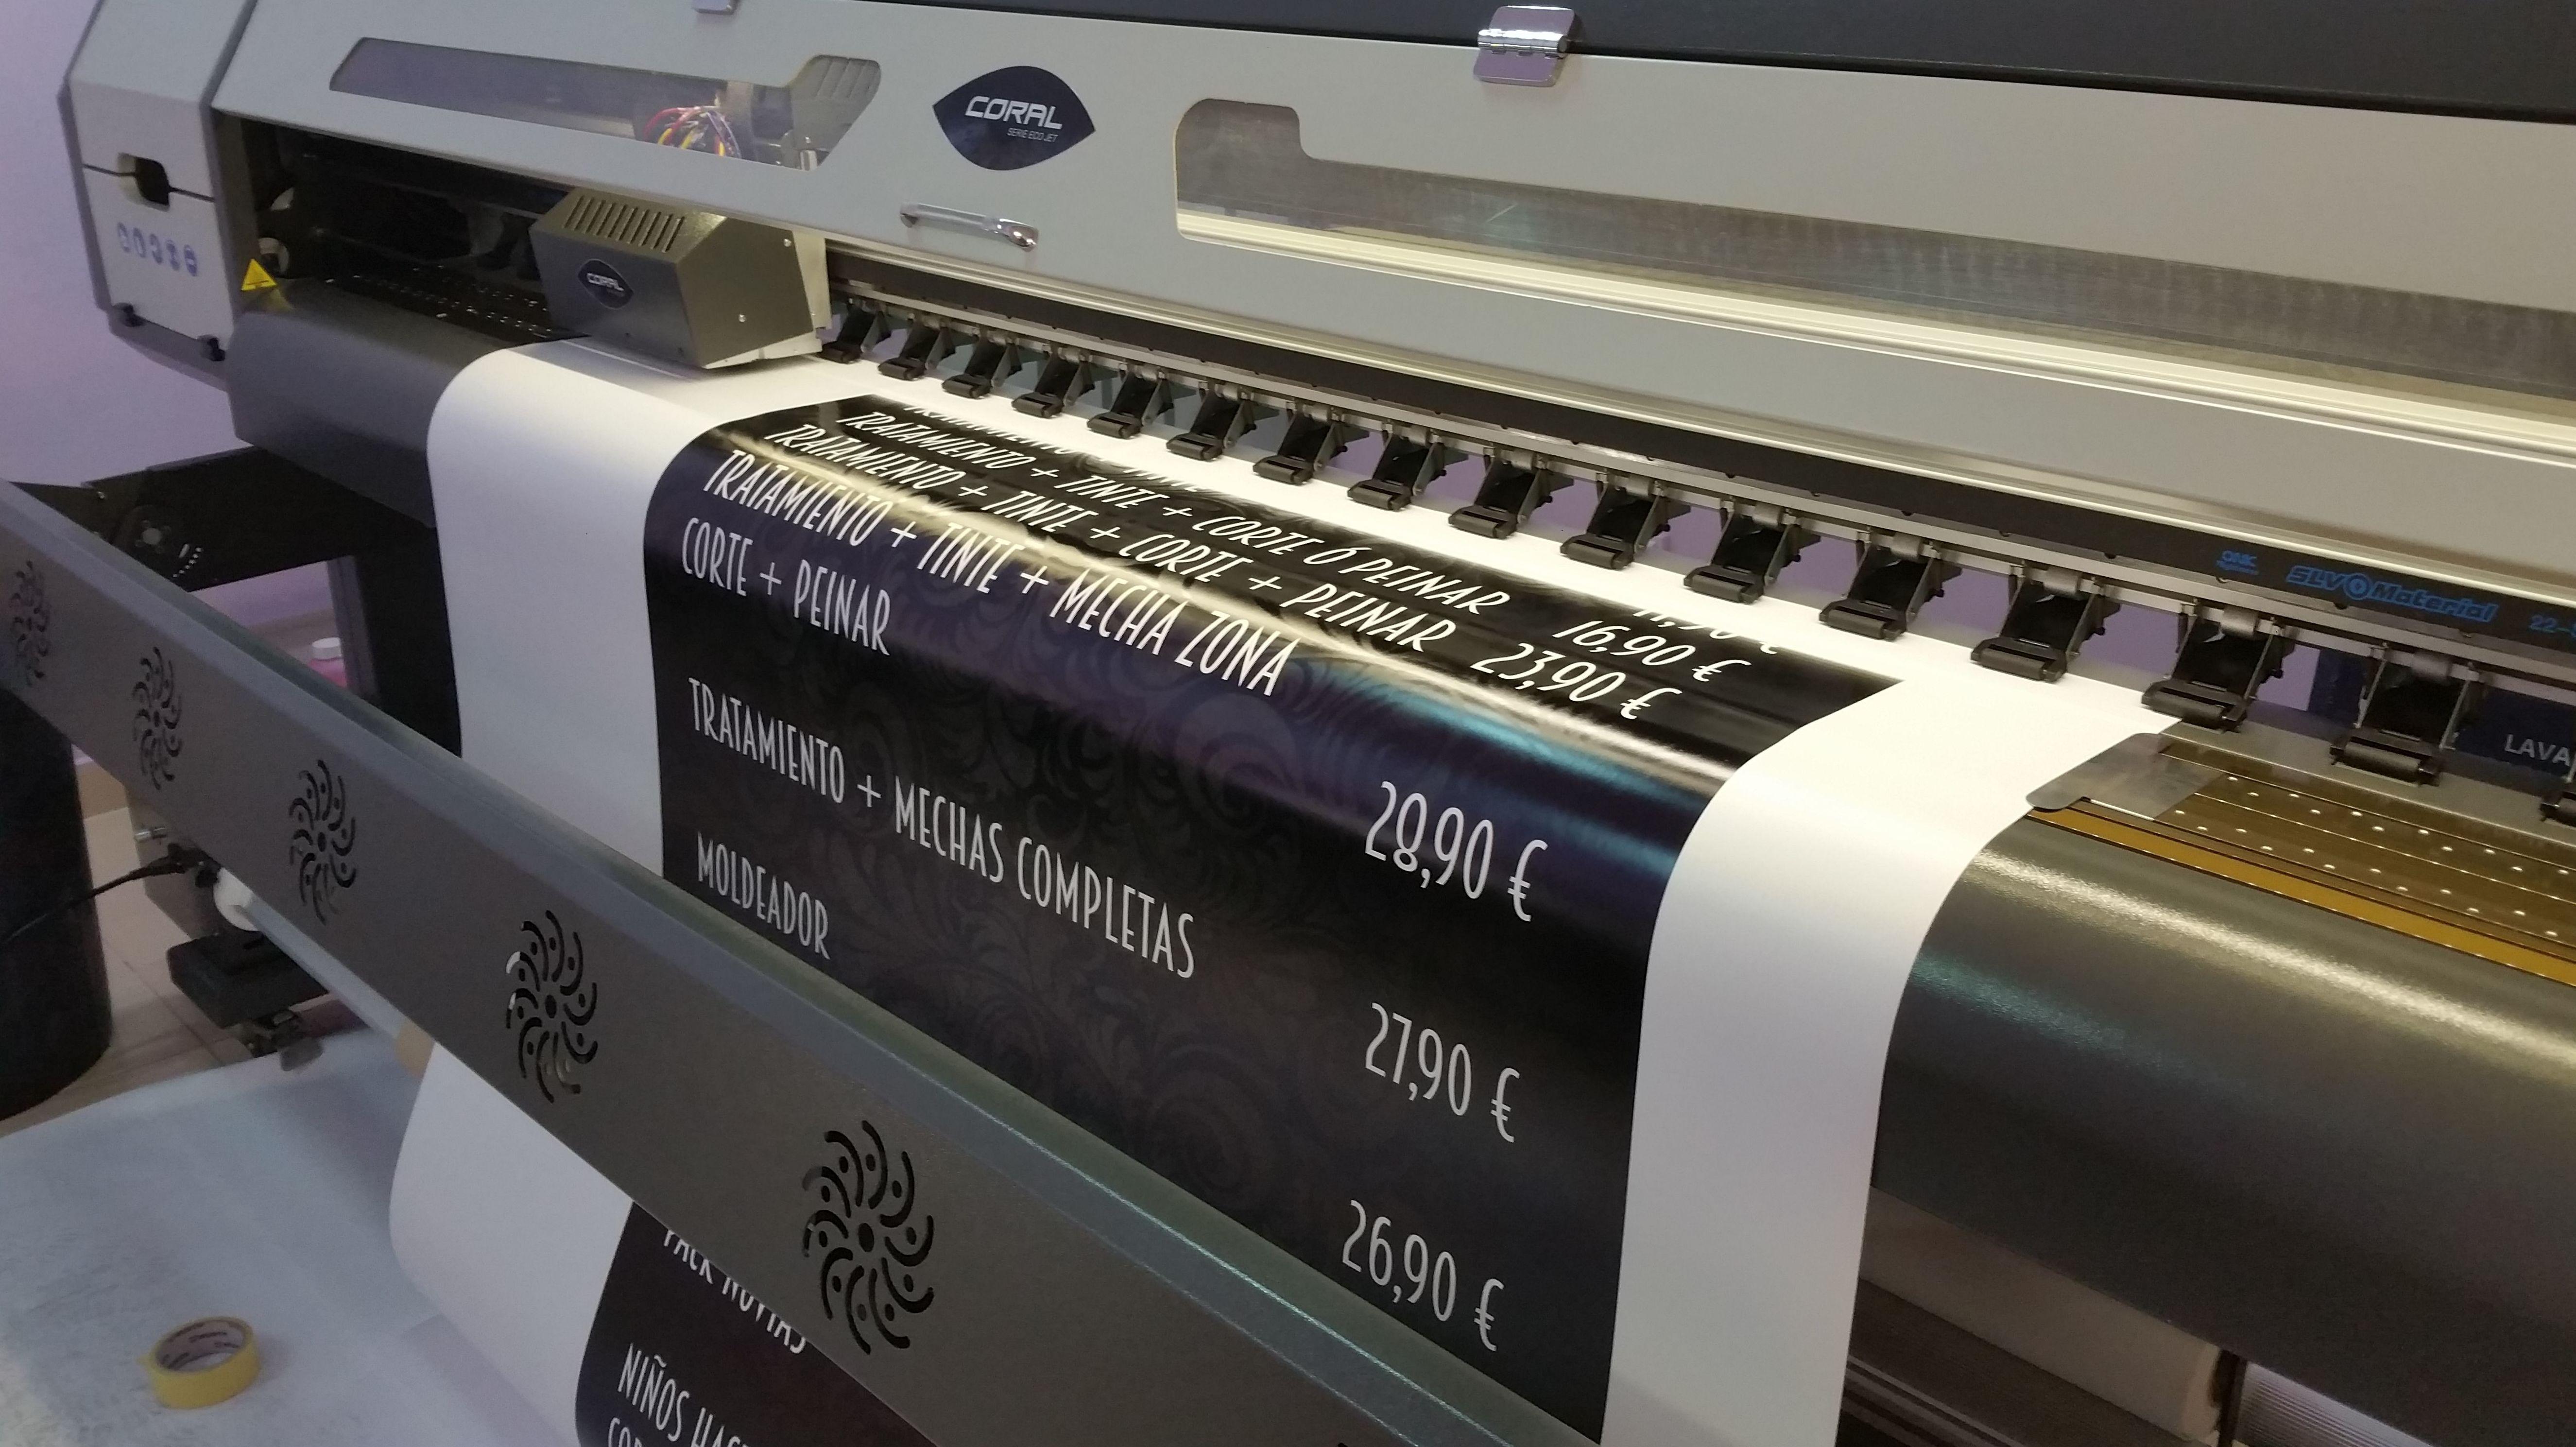 Foto 94 de Trabajos de diseño e impresión de gran calidad en Madrid | Megaprinter